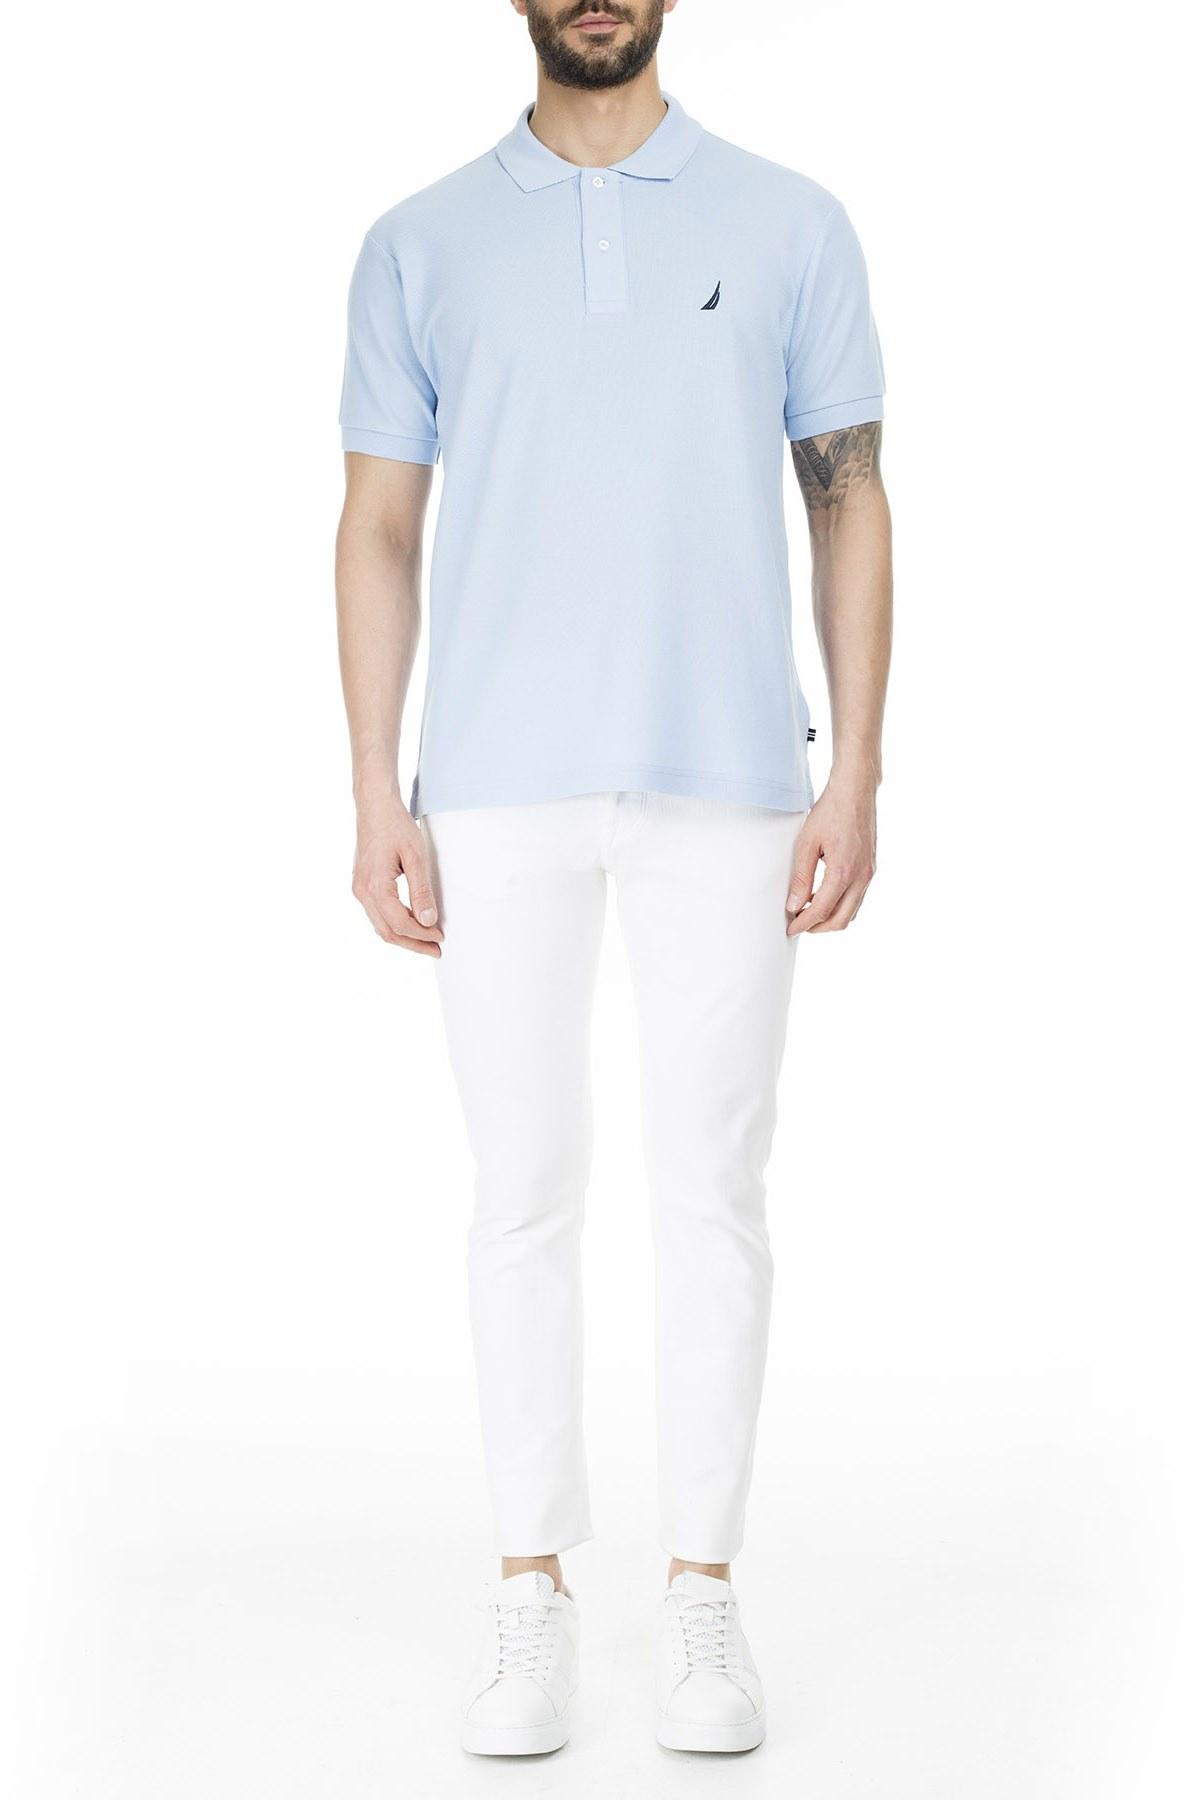 Nautica Slim Fit Yaka T Shirt Erkek Polo K41000T 4FS MAVİ